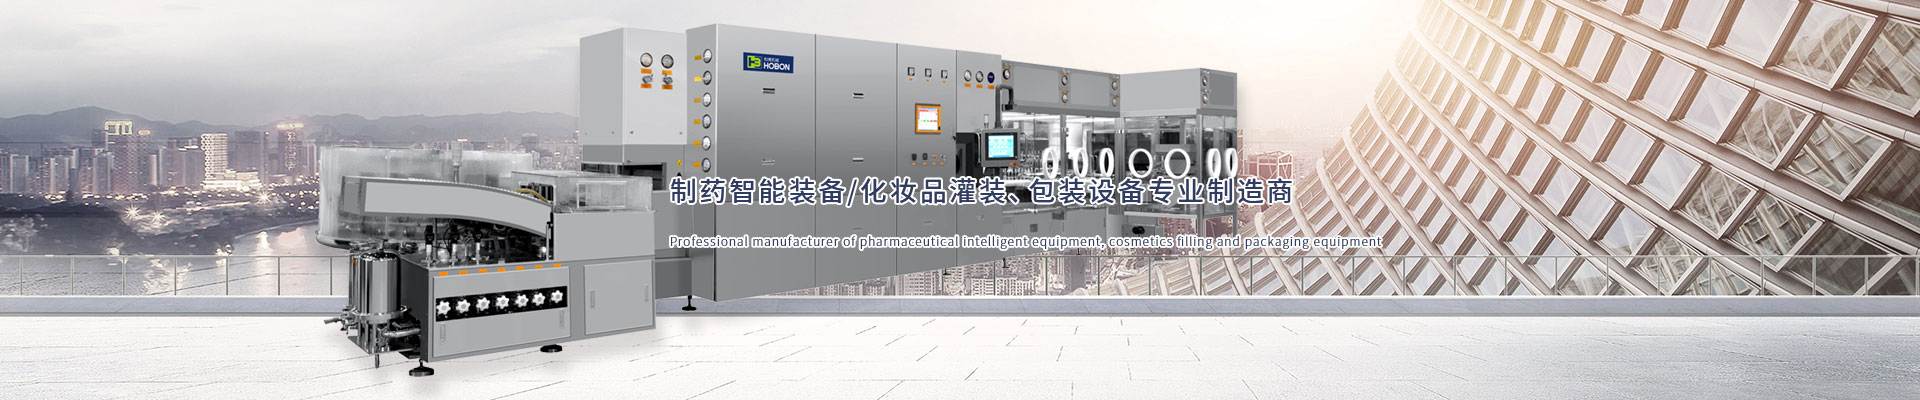 必威官网亚洲体育自动化机械必威官网亚洲体育自动化机械